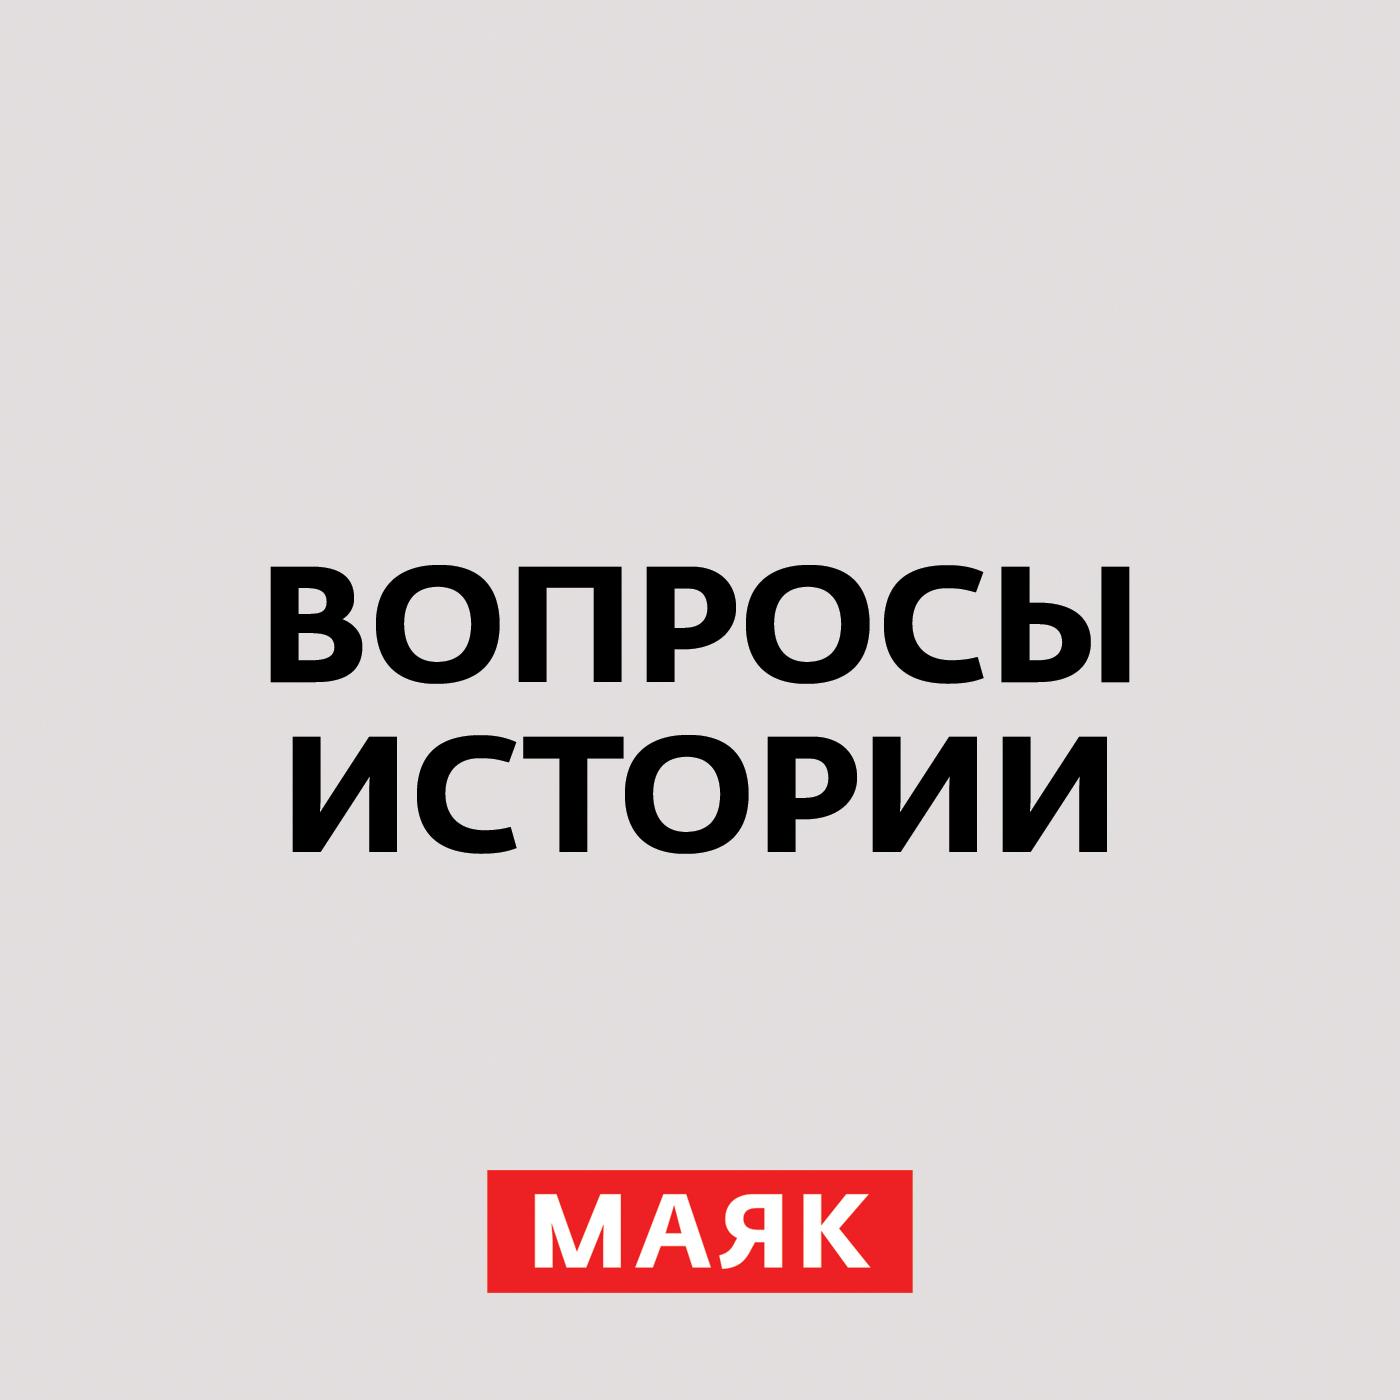 Андрей Светенко Июльское восстание 1917 года андрей светенко события 1917 года возможности армии и тыла